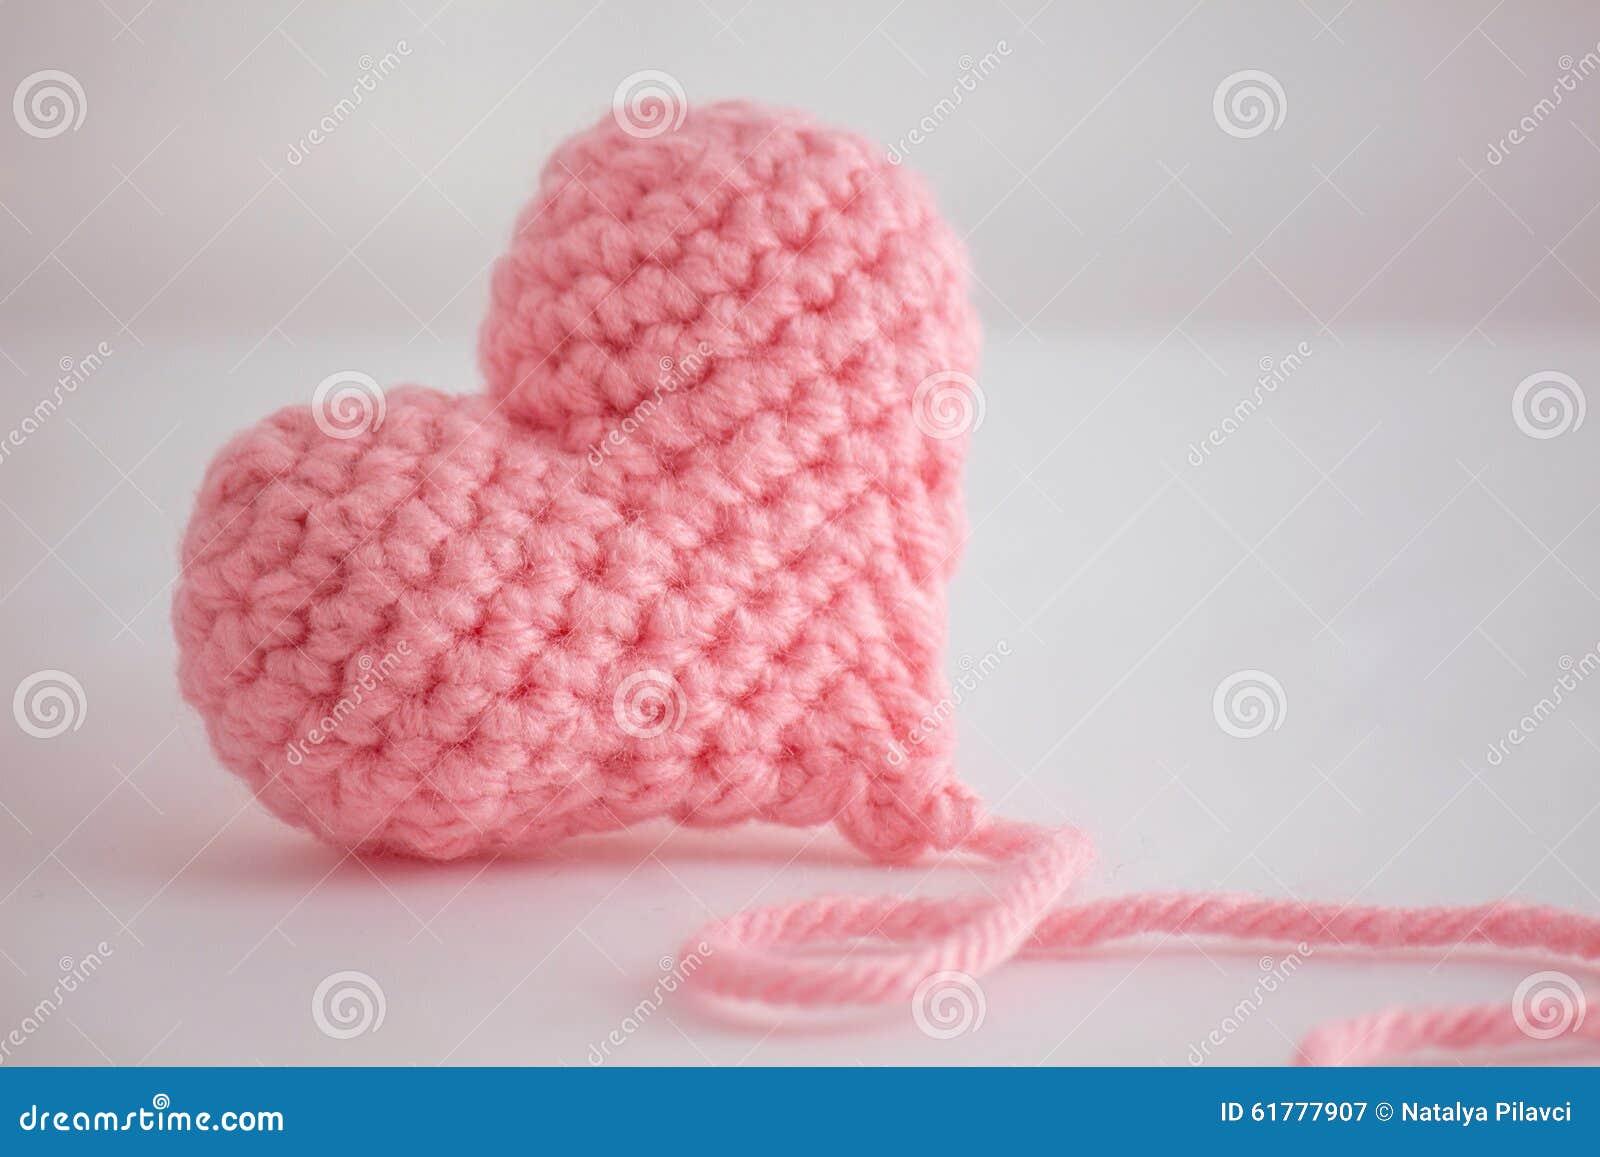 Beau coeur à crochet rose chaud - plan rapproché